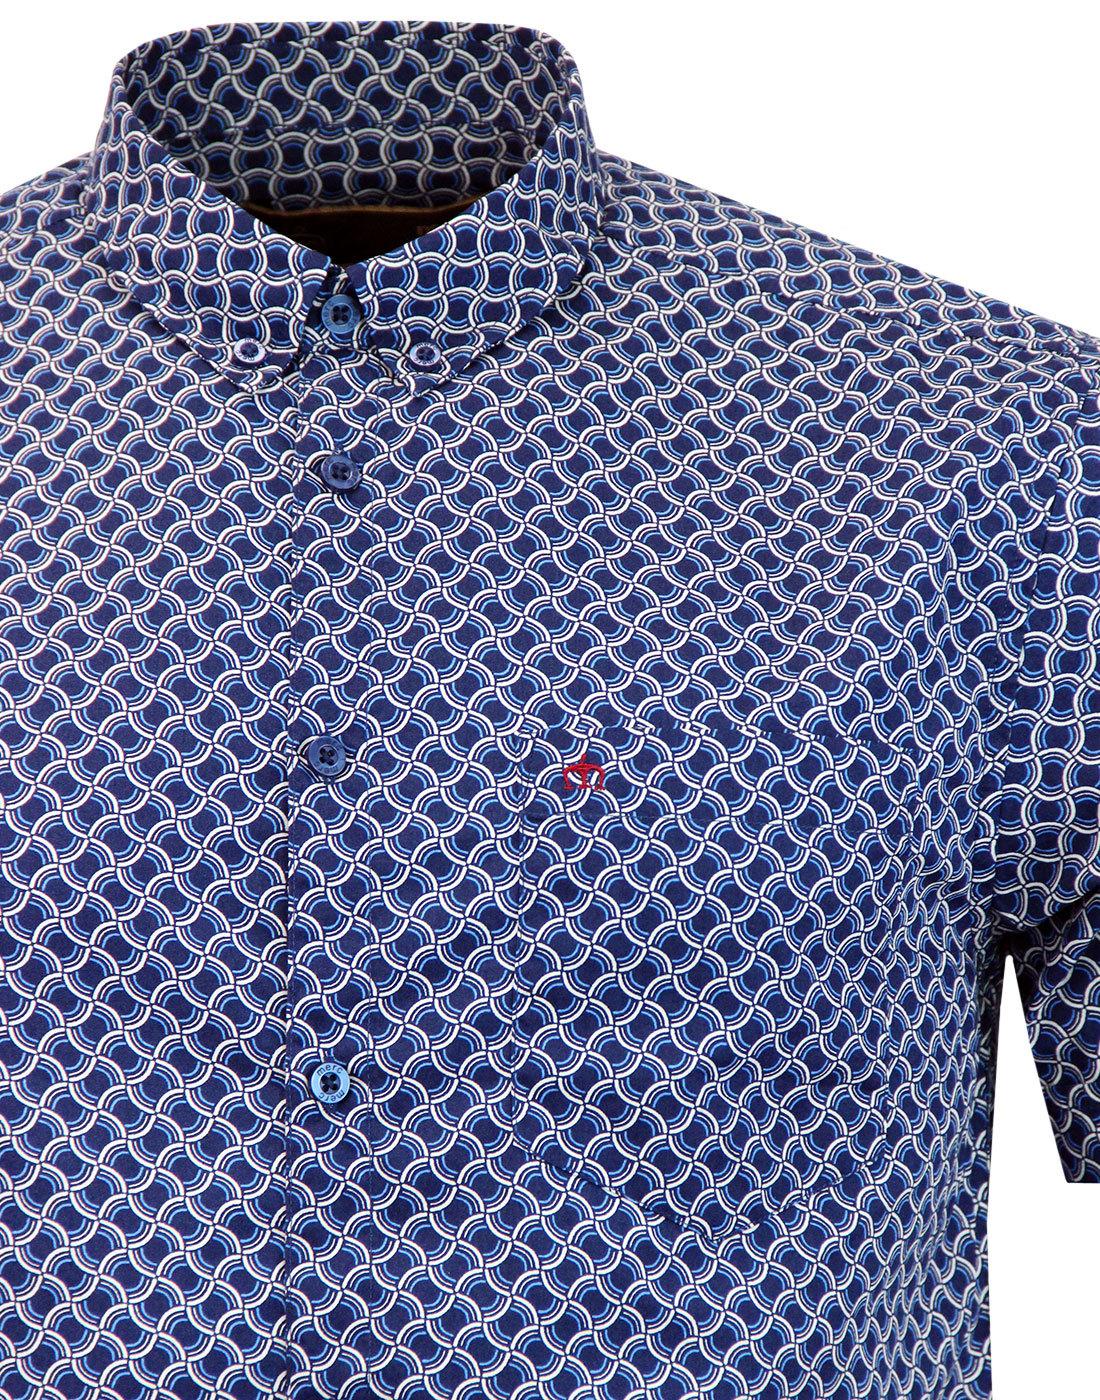 869457ab6 MERC Avery Men's 60s Mod Op Art Circle Short Sleeve Shirt in Navy